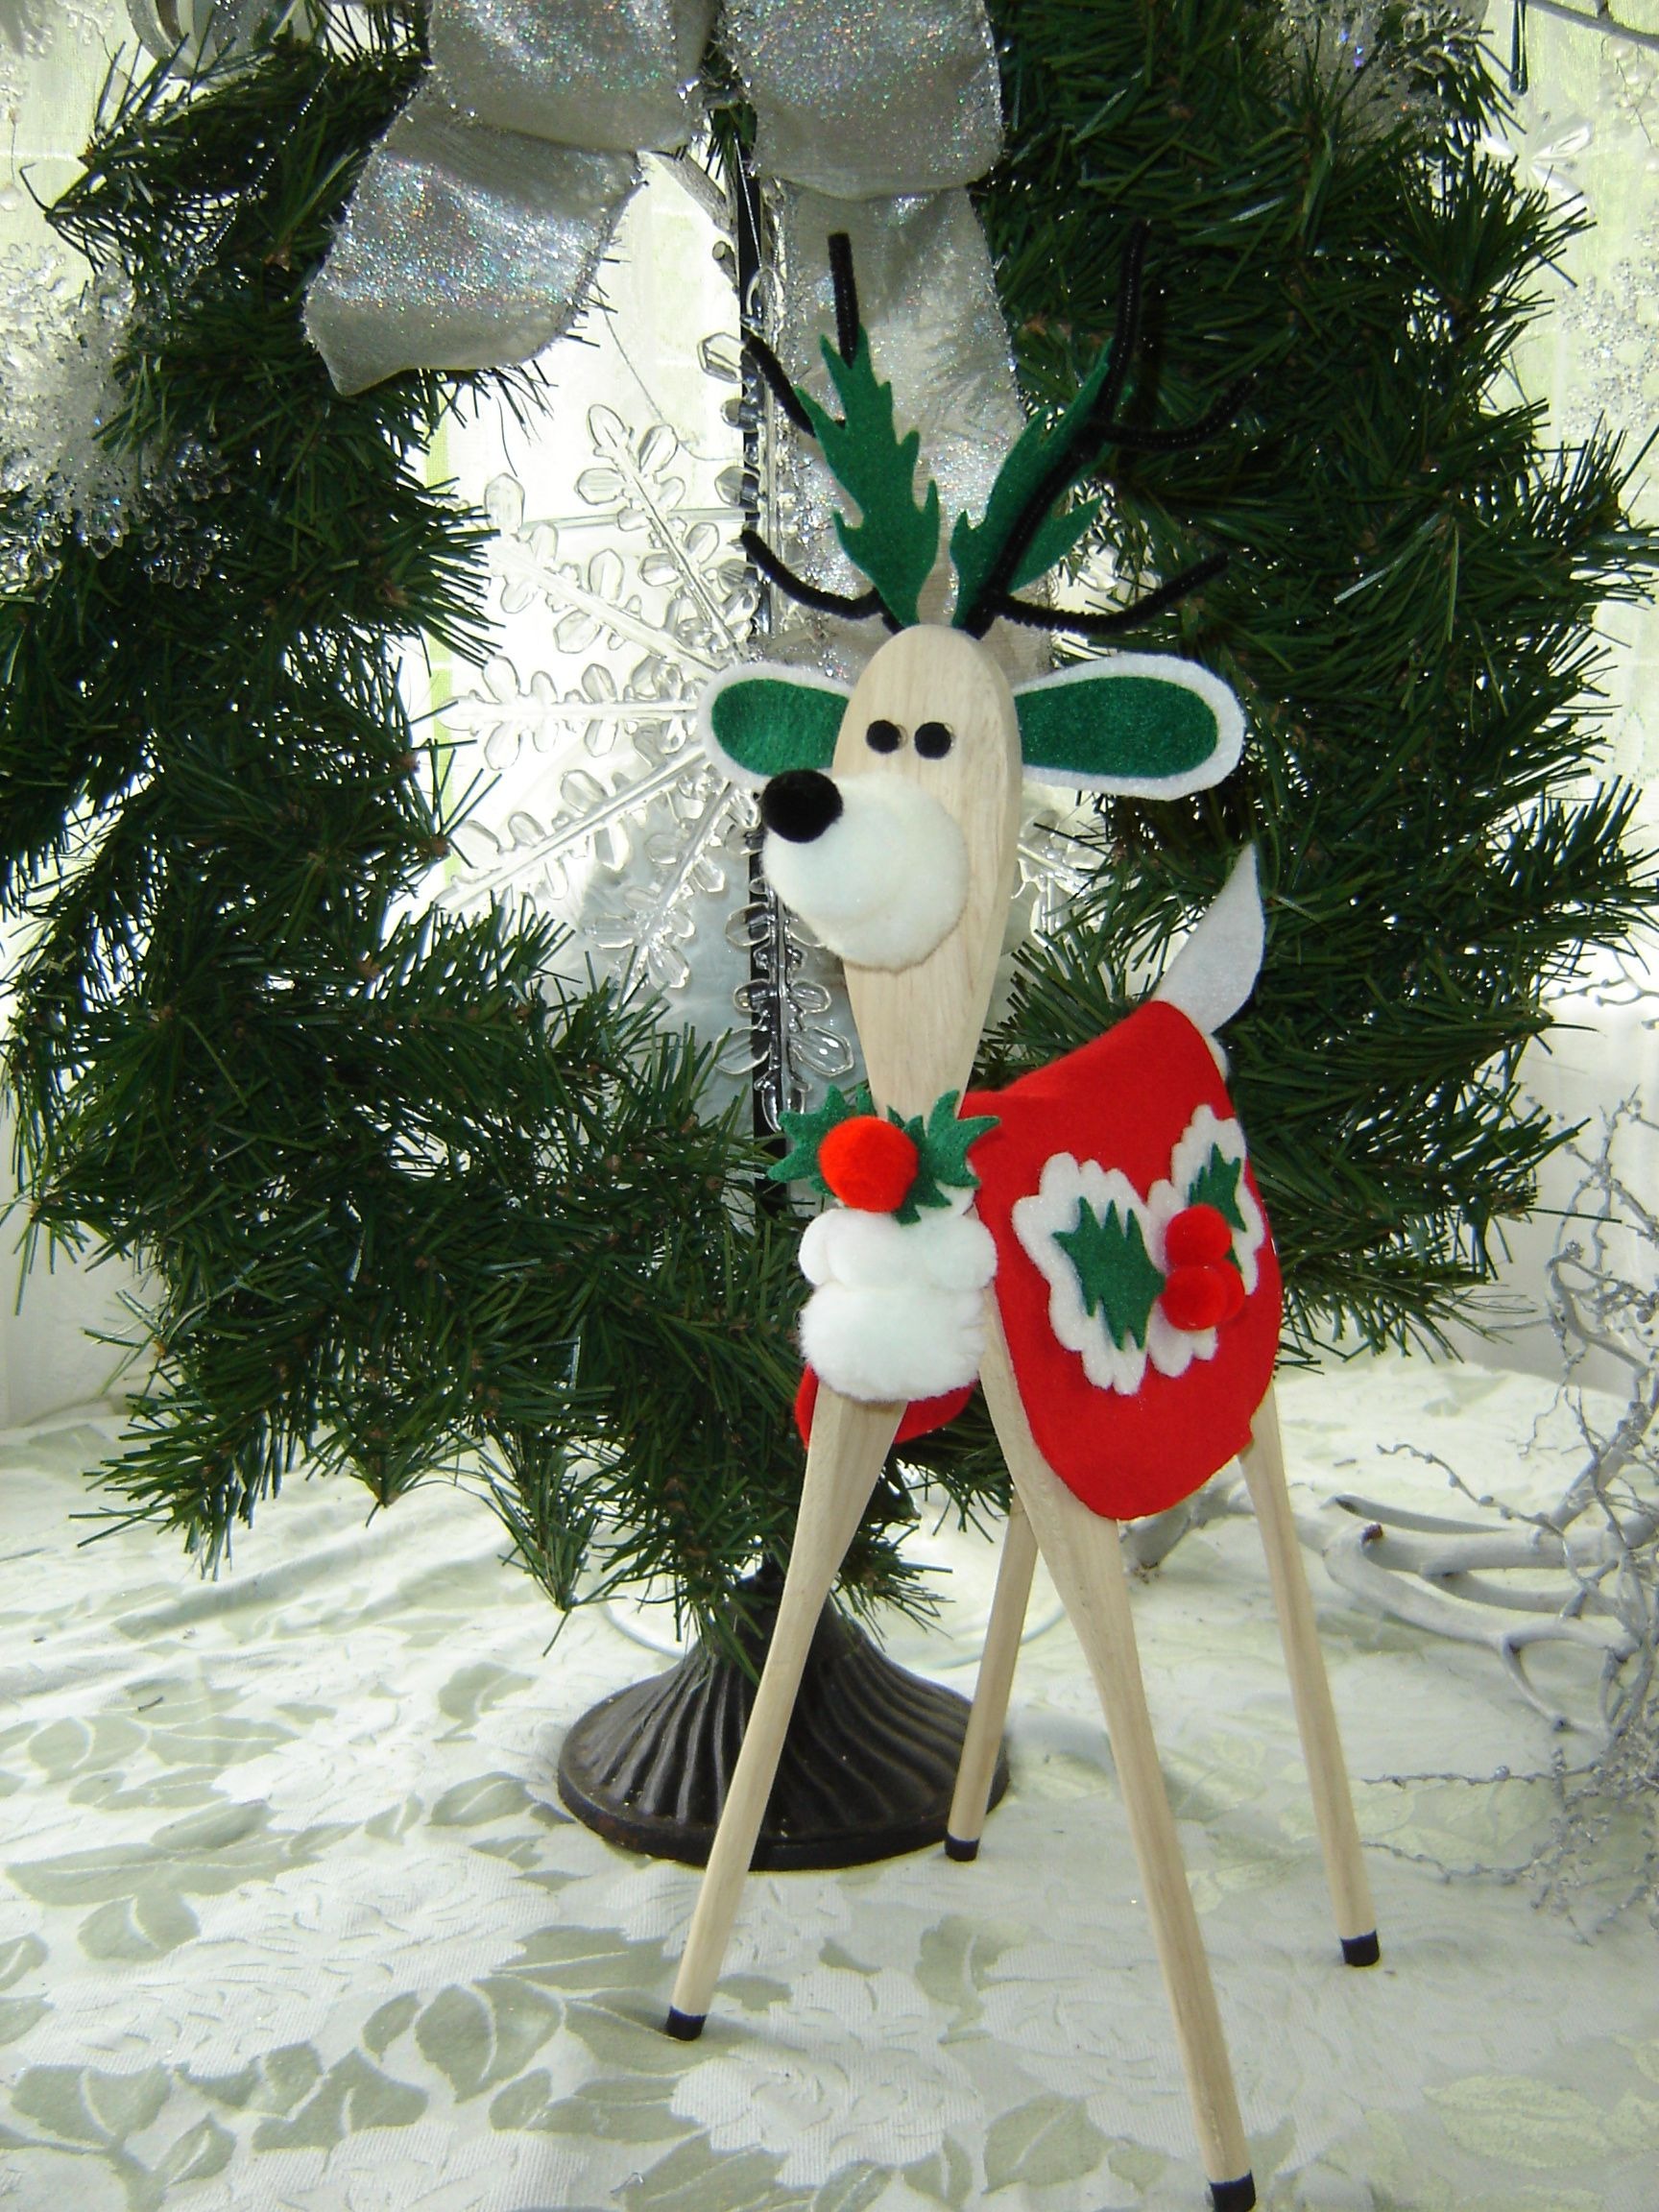 Handmade wooden spoon reindeer